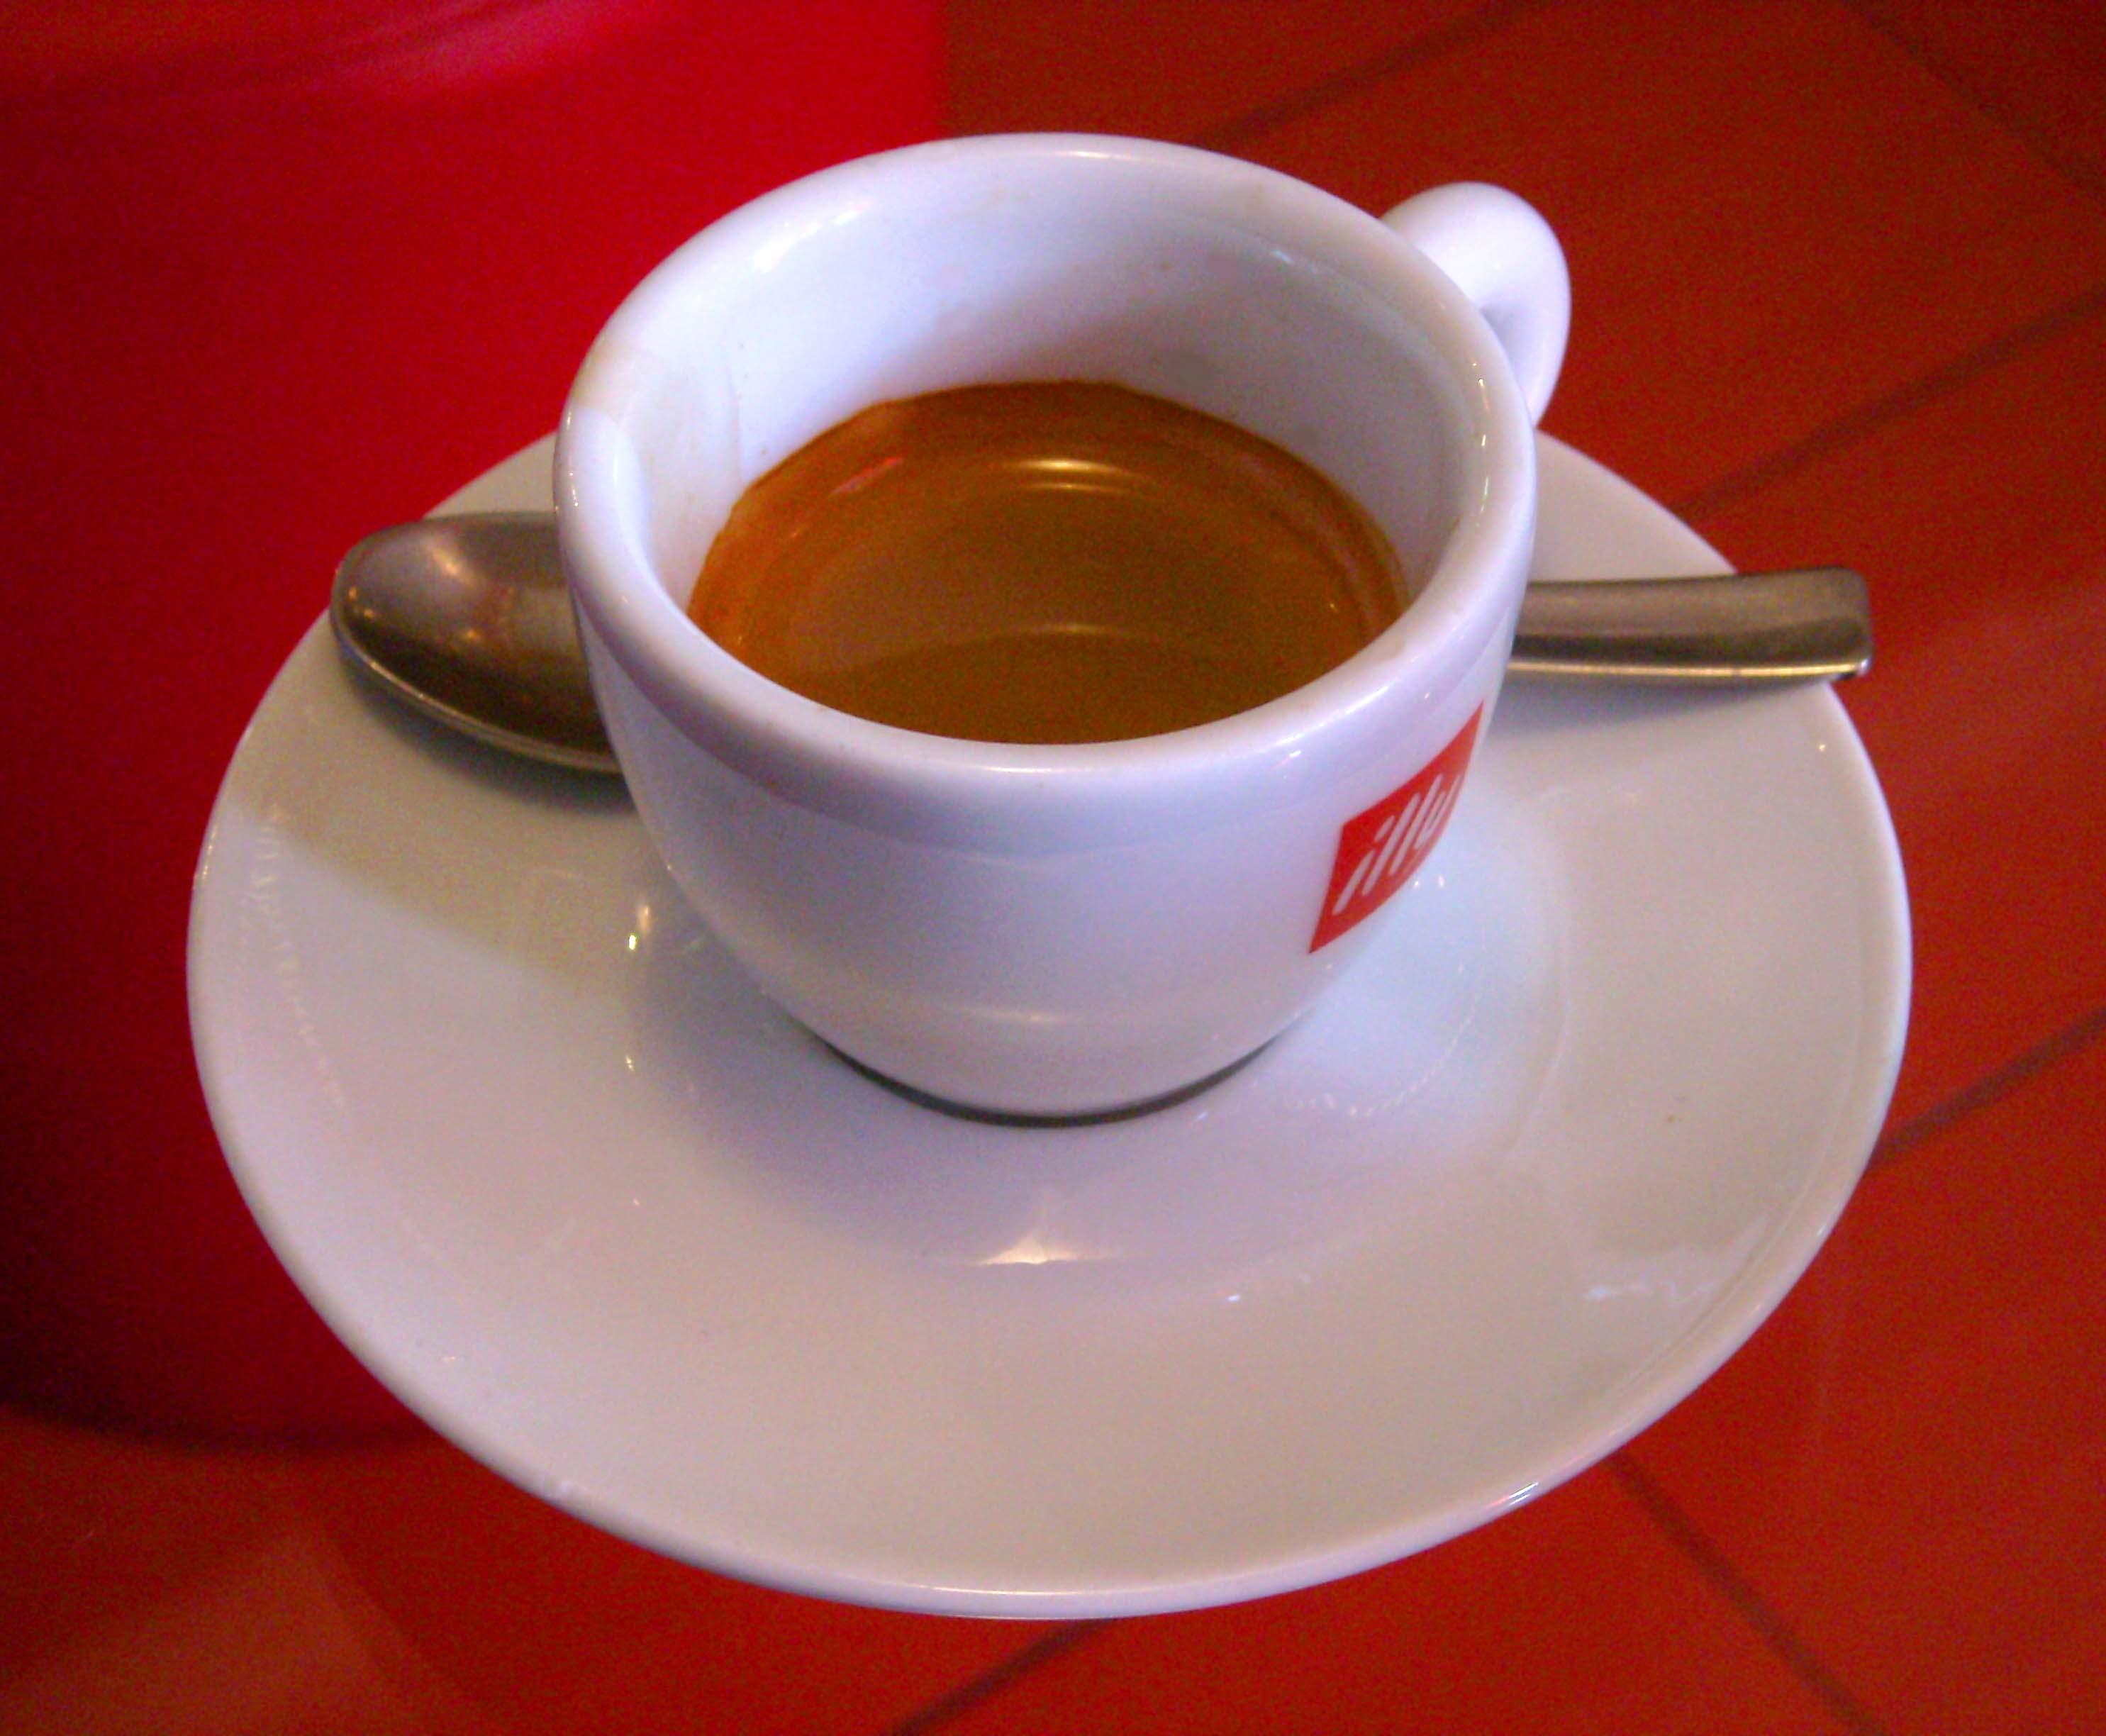 Una tazzina di caffè invitante - Benessere: lo sapevi che prendiamo il caffè nei momenti sbagliati?